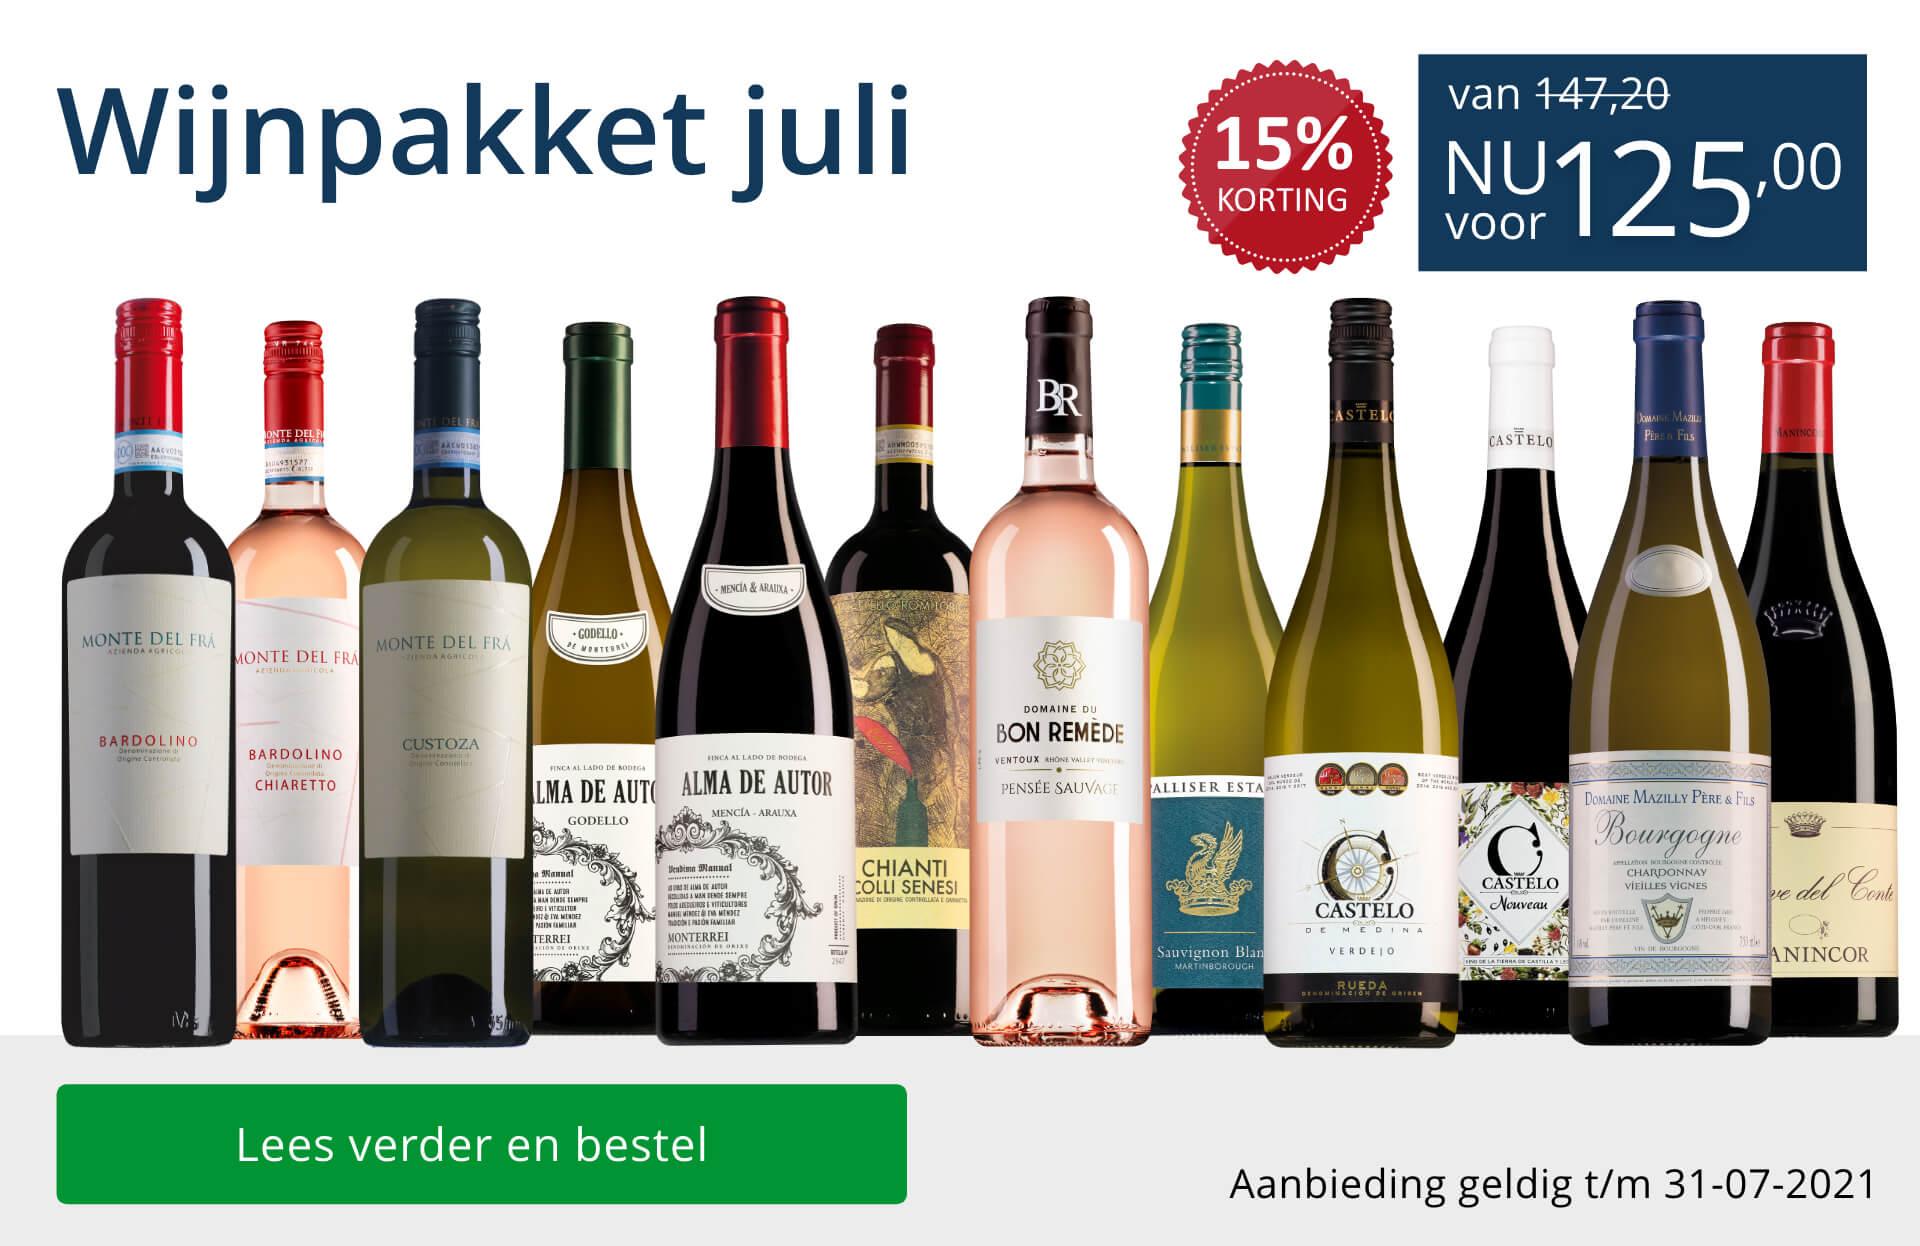 Wijnpakket wijnbericht juli 2021(125,00) - blauw